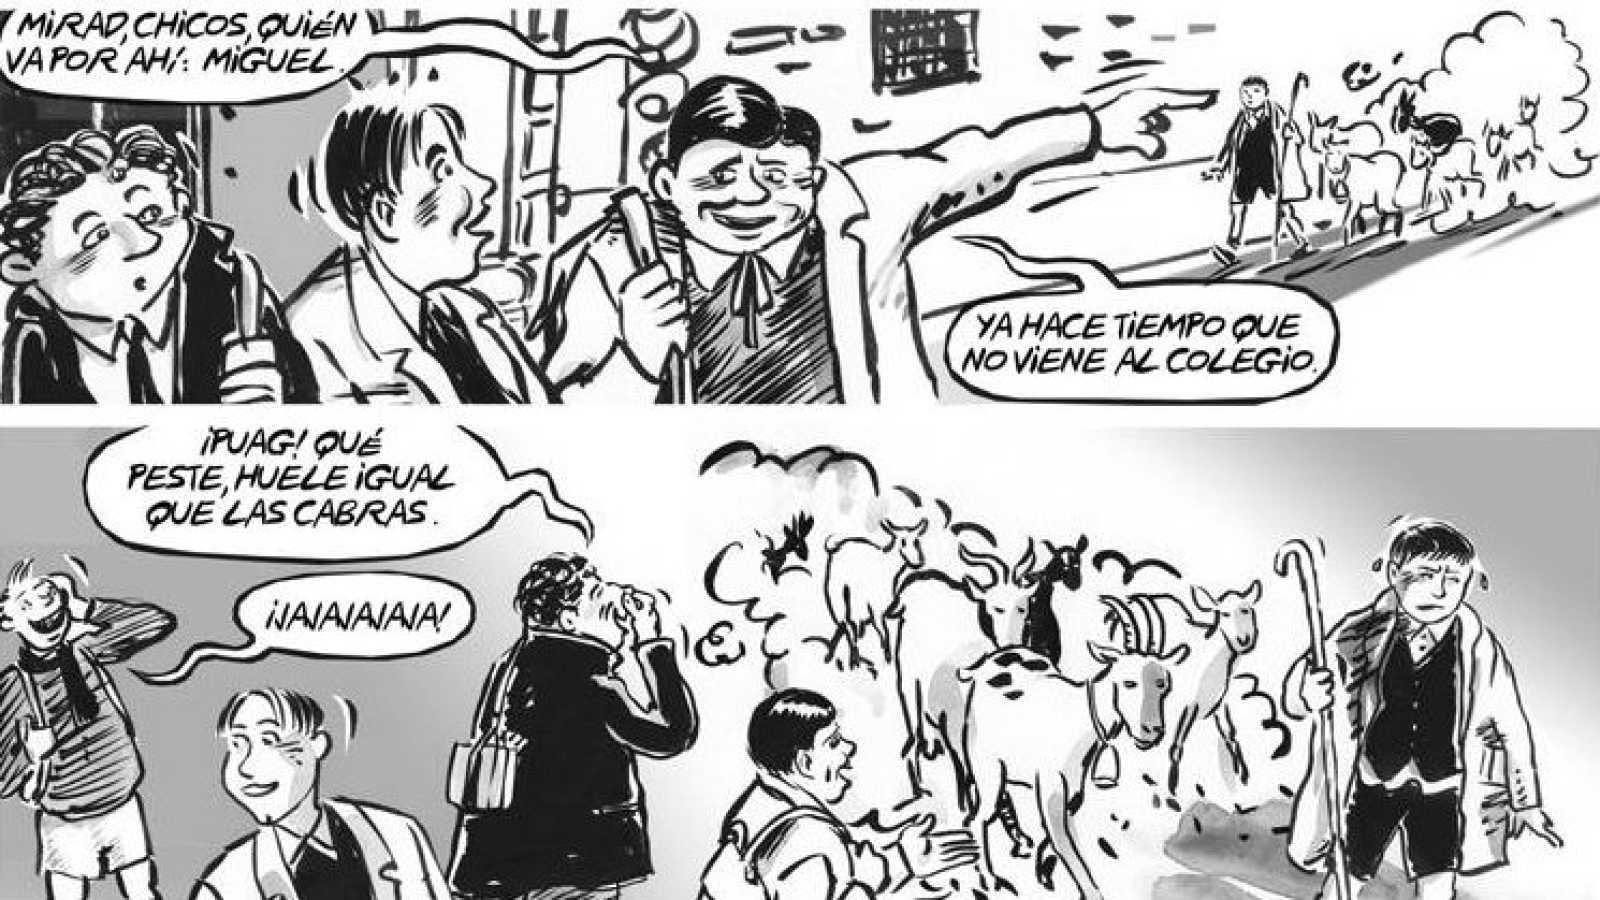 Hoy Empieza Todo con Marta Echeverría -  Un cómic sobre Miguel Hernández - 14/09/2017